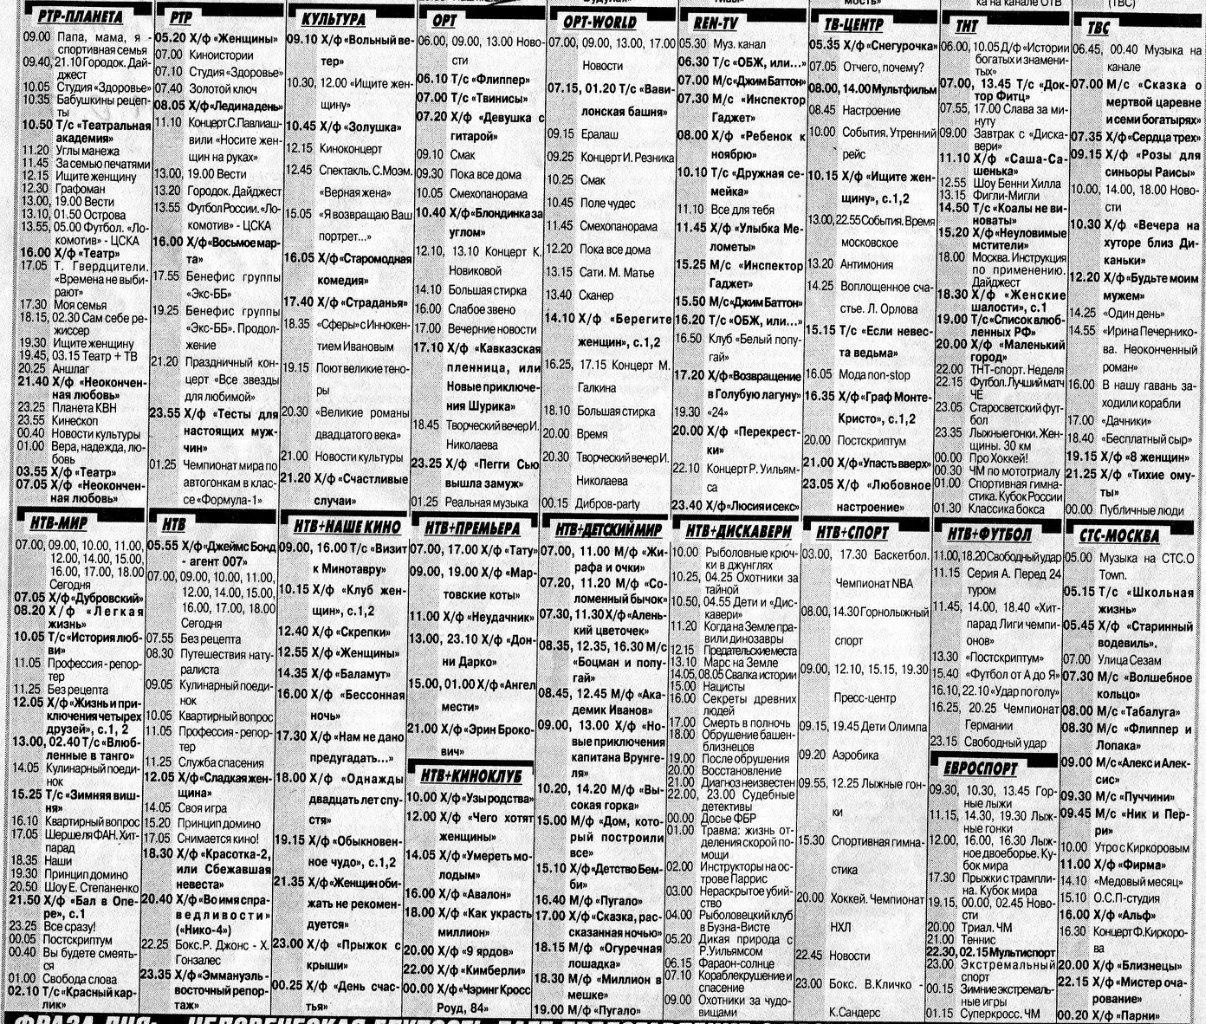 программа тнт на 21.04.16